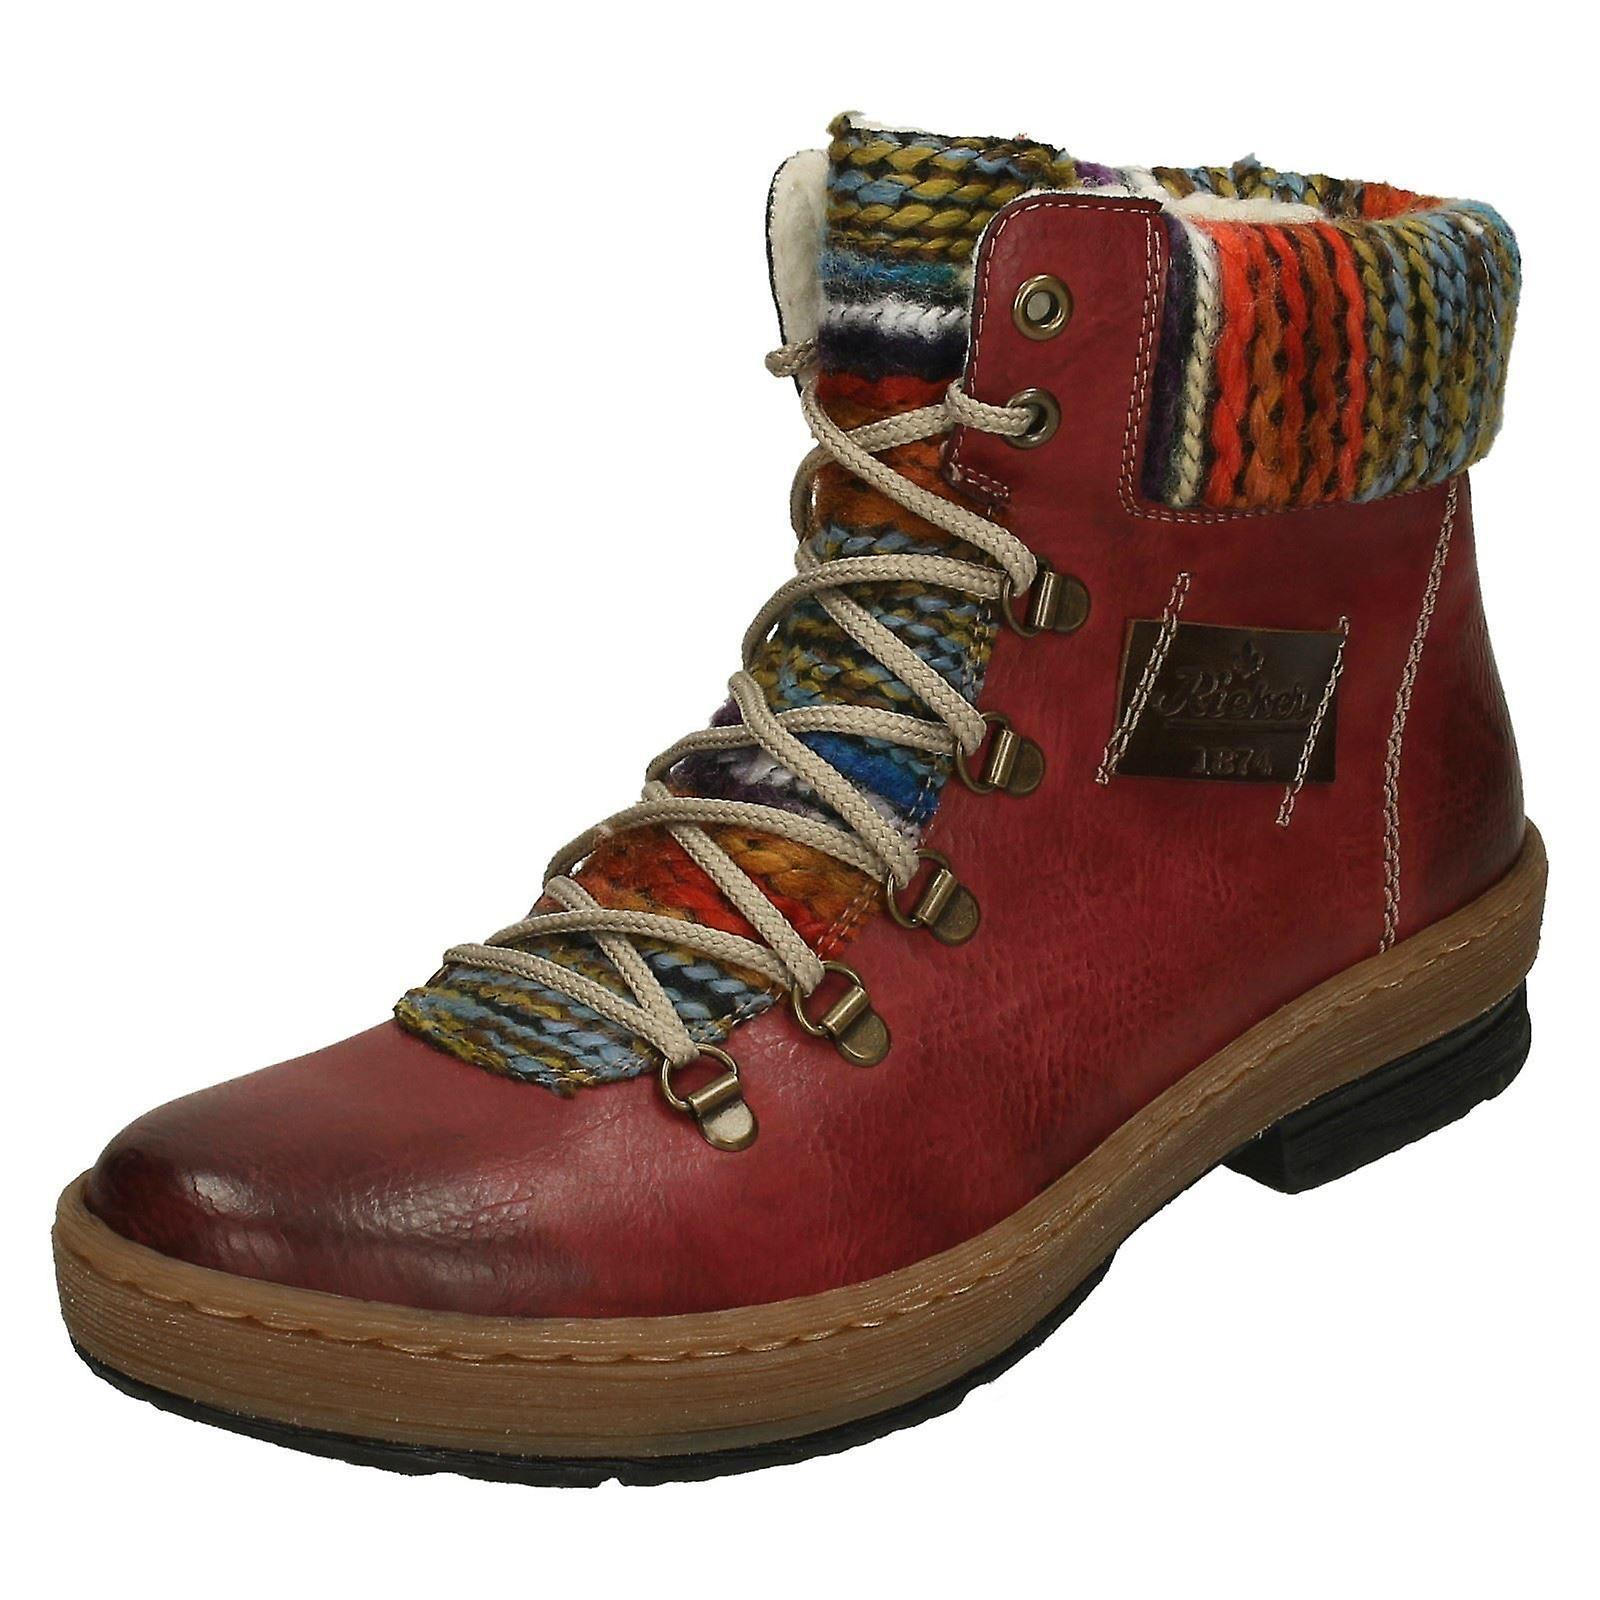 Damskie Rieker Multi kolorowe dzianiny wykończenia kostkę buty Z6743 RwTbr